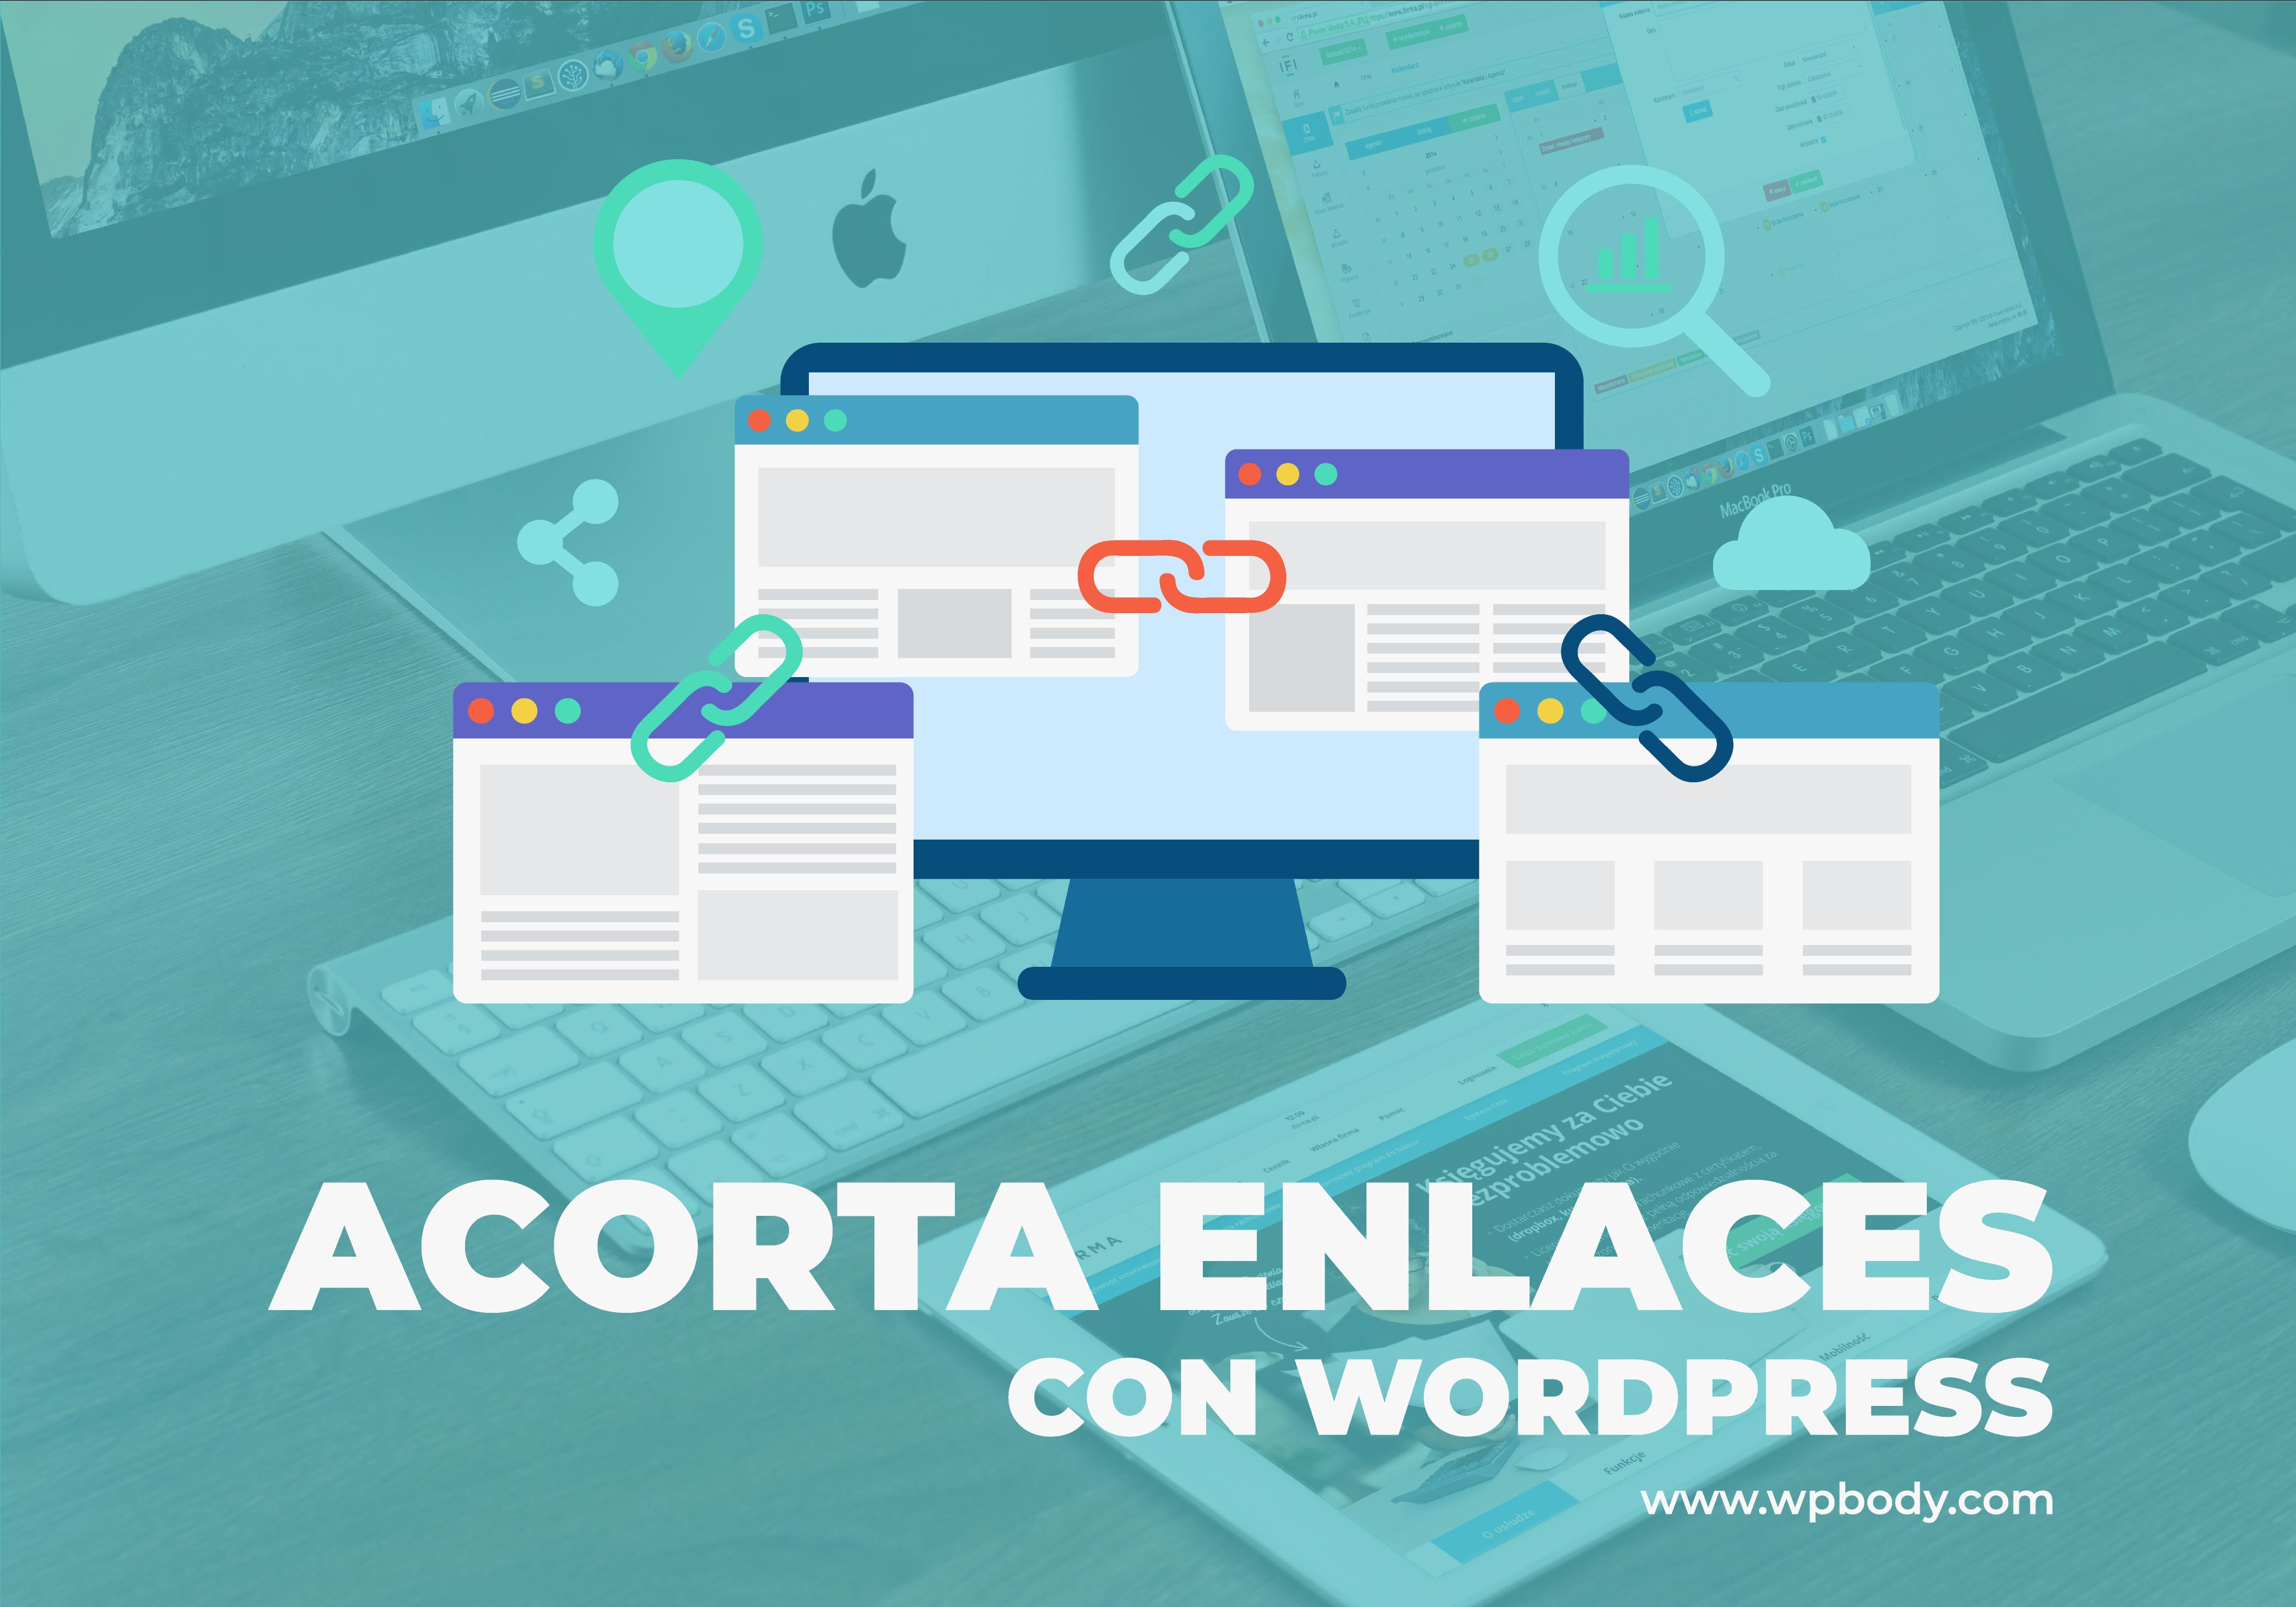 crea un enlace corto en WordPress